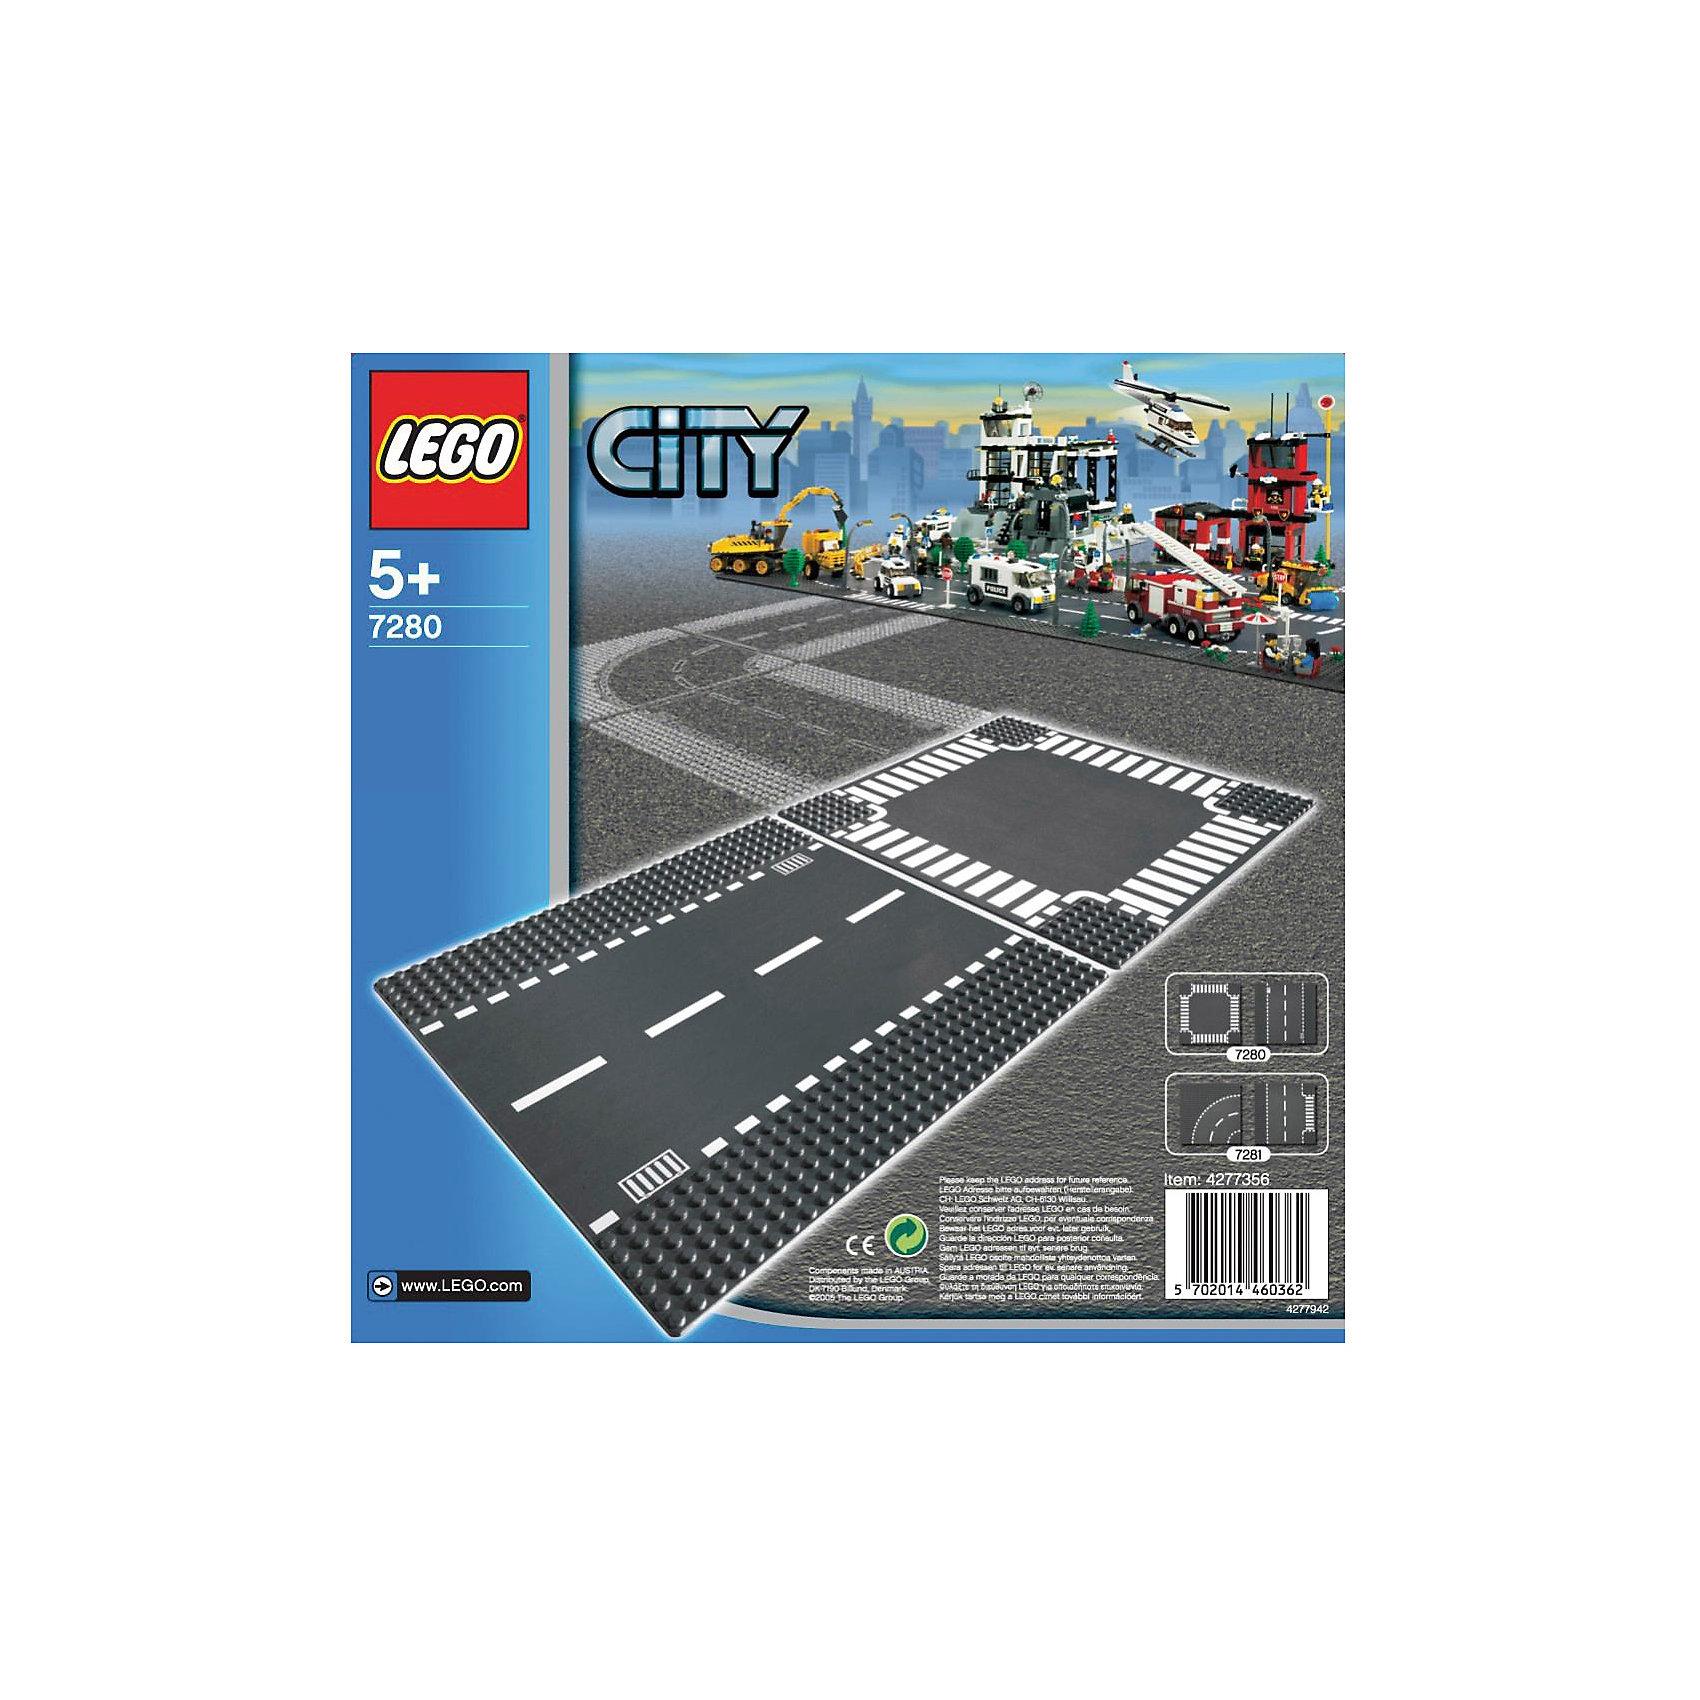 LEGO City  7280: Прямая дорога и перекрёстокLEGO City (ЛЕГО Сити) 7280: Прямая дорога и перекрёсток - увлекательный набор для конструирования, который порадует всех юных автолюбителей. В комплект входят две<br>пластины, изображающие участок прямой дороги и перекресток. Комбинируя данный набор с другими наборами ЛЕГО можно построить большую сложную трассу для своего<br>города, где будут и настоящее шоссе для автомобилей, и специальная секция с «зеброй» для пешеходов. Платформы также обладают специальным рельефом и обеспечивают<br>прочное сцепление с кубиками.<br><br>Дополнительная информация:<br><br>- Количество деталей: 2.<br>- Серия: ЛЕГО Сити.<br>- Материал: пластик.<br>- Размер упаковки: 25,6 х 7 х 25,6 см.<br>- Вес: 0,21 кг. <br><br>Игра с конструктором развивает мелкую моторику, фантазию и воображение ребенка, учит его усидчивости и внимательности.<br><br>LEGO City (ЛЕГО Сити) 7280: Прямая дорога и перекрёсток можно купить в нашем интернет-магазине.<br><br>Ширина мм: 264<br>Глубина мм: 261<br>Высота мм: 12<br>Вес г: 189<br>Возраст от месяцев: 60<br>Возраст до месяцев: 144<br>Пол: Мужской<br>Возраст: Детский<br>SKU: 1462463